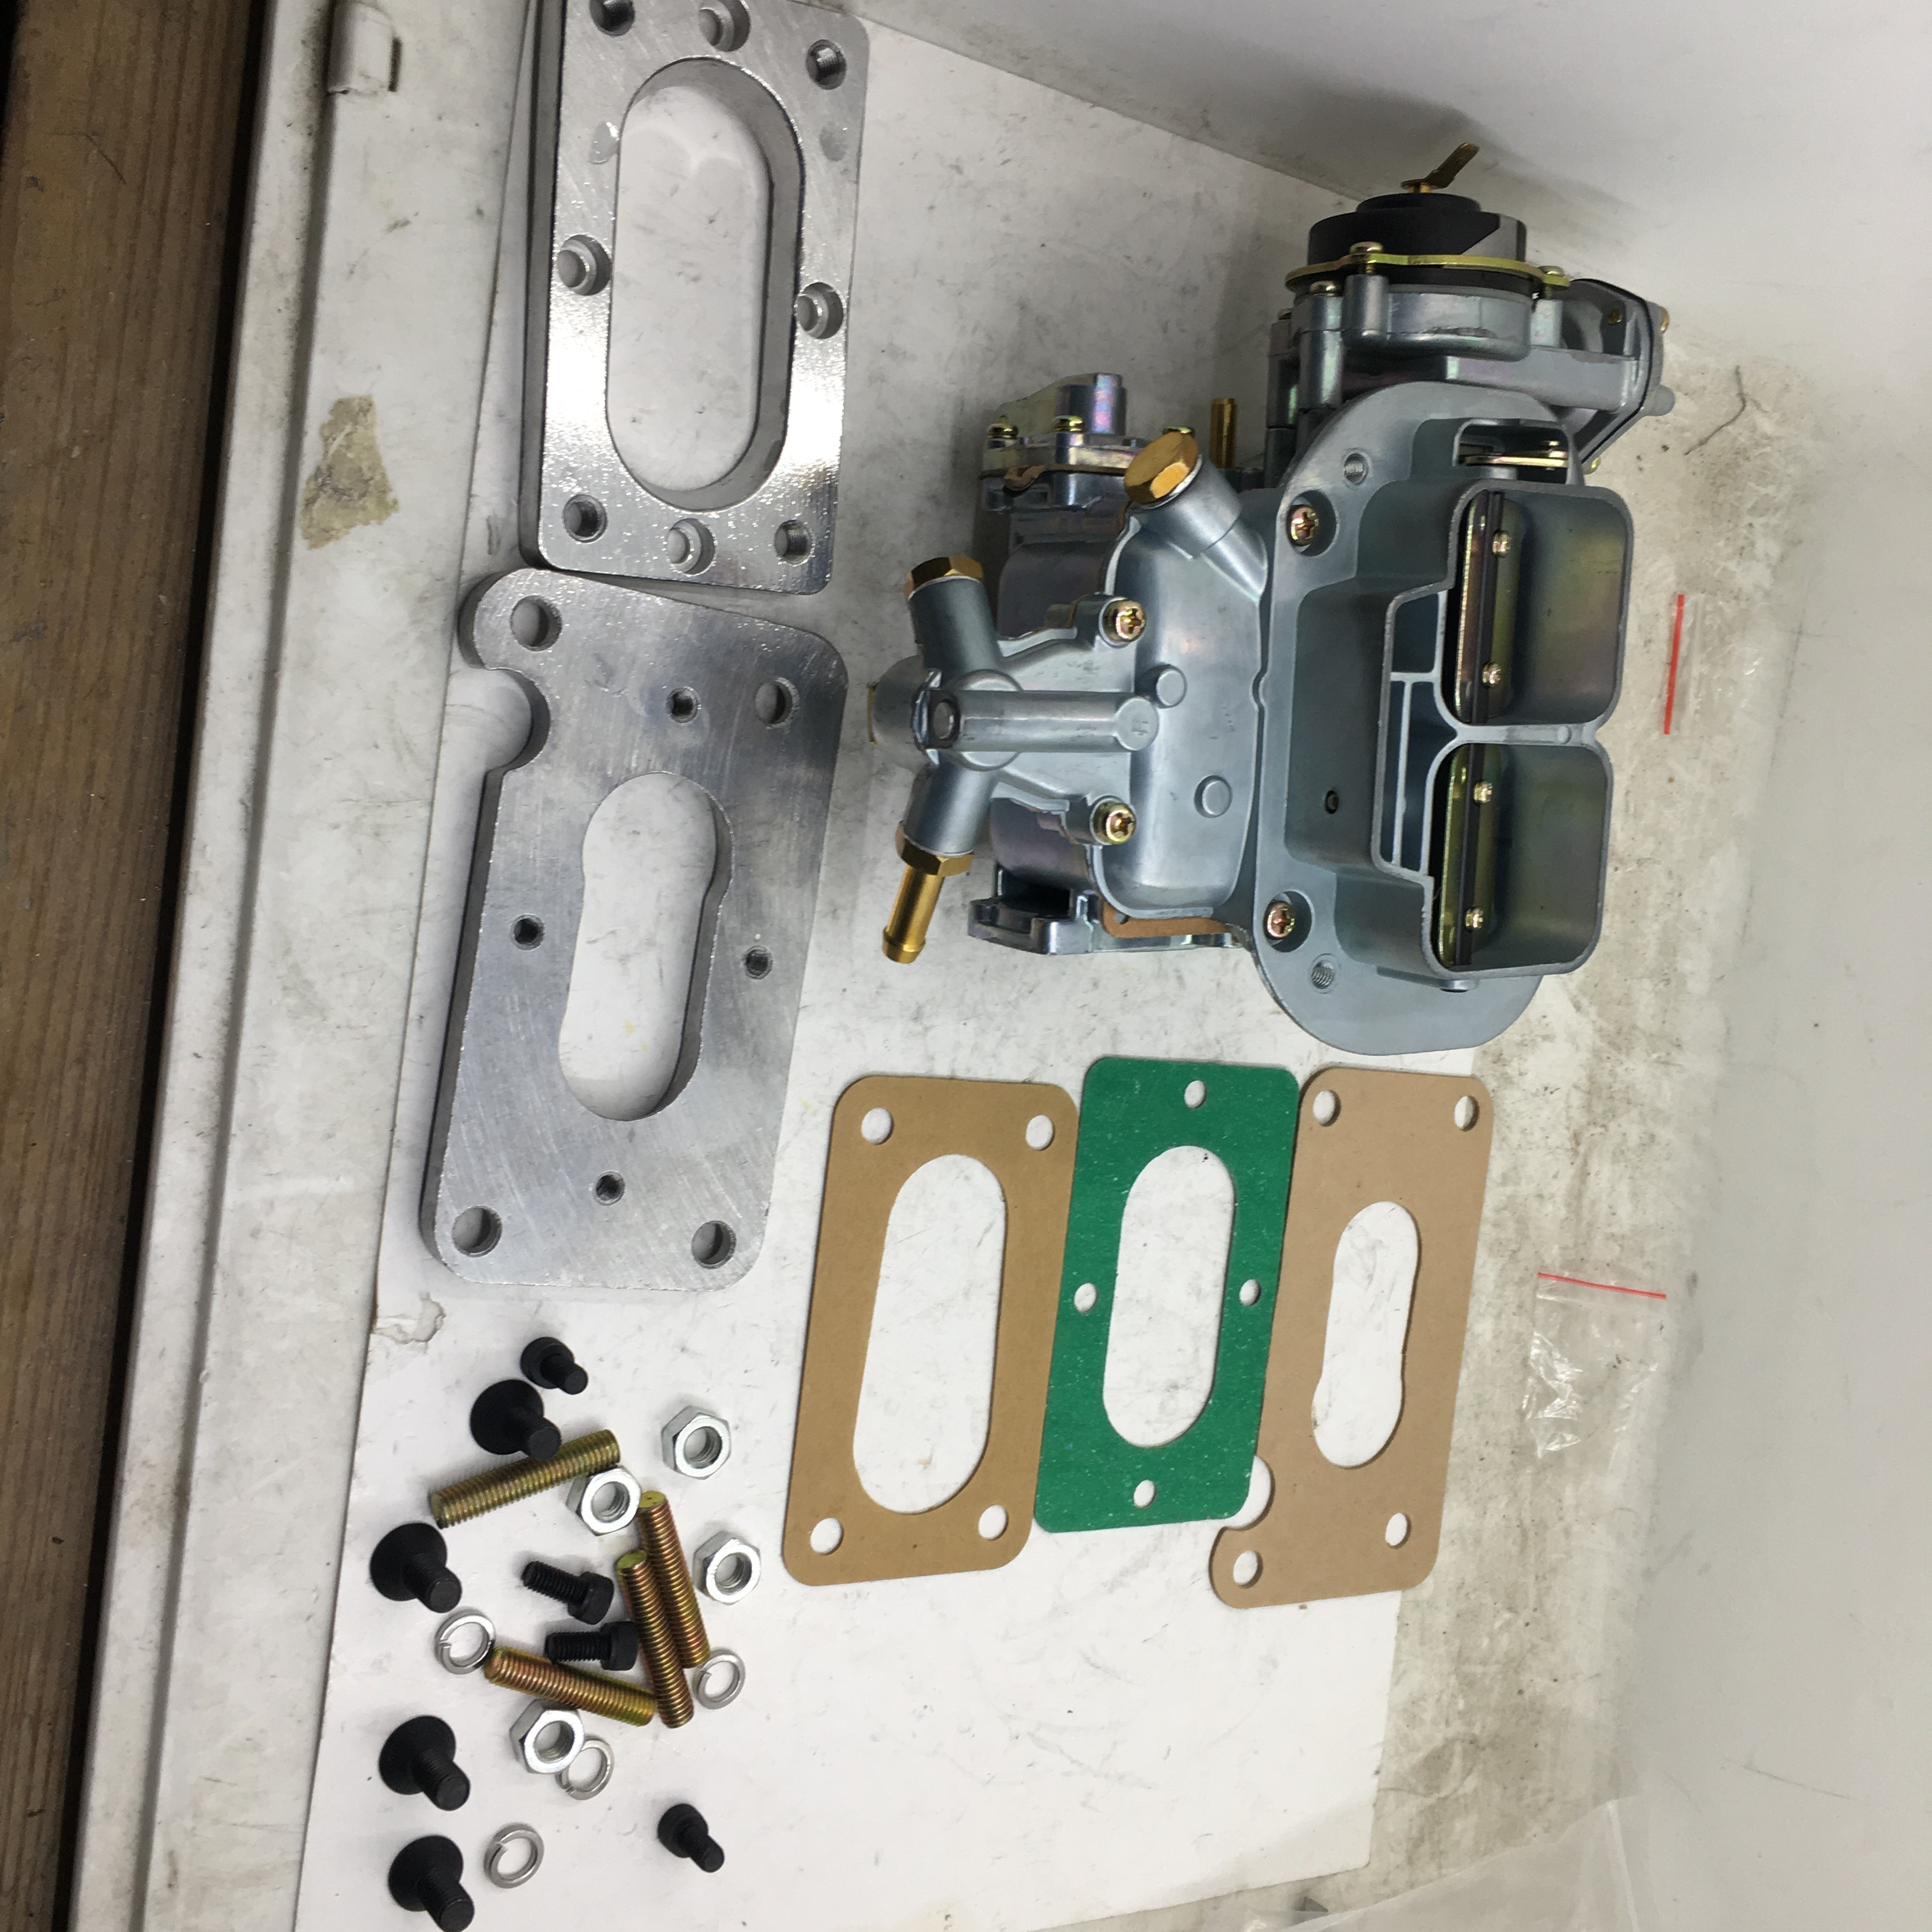 Sherryberg nova empi weber carburador carb placa adaptador kit para mazda b2000 b2200 adaptador + 32/36 dgev fajs vergaser carb